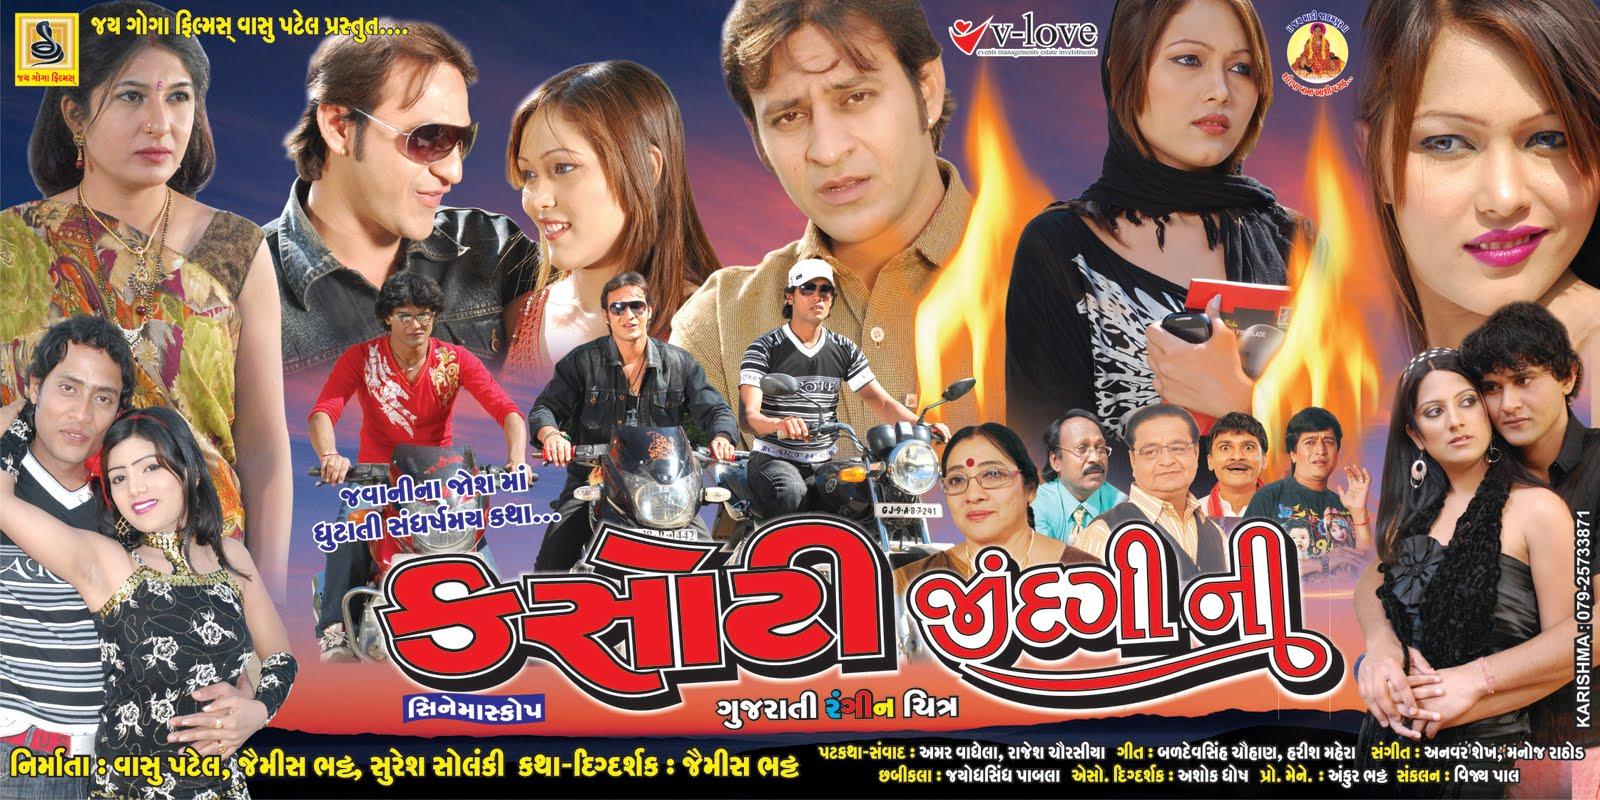 Http www filmlinks4u net 2010 01 bewafa pardesi gujarati movie watch